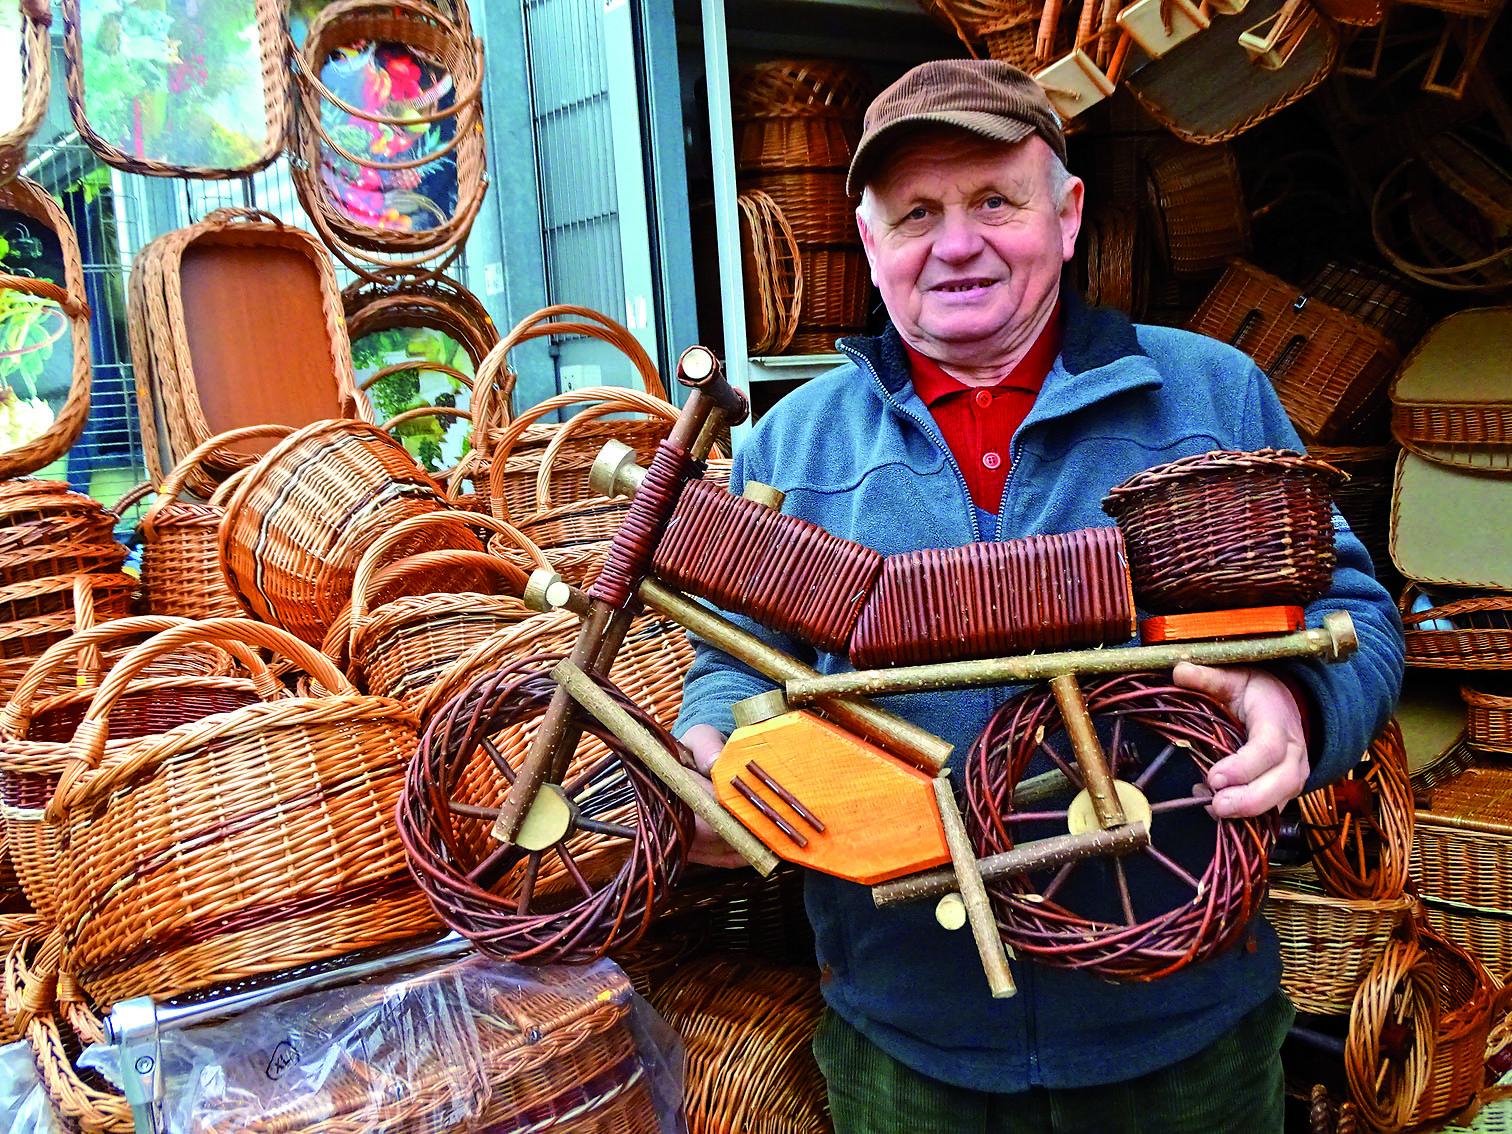 Der große Polenmarkt ist auf die kalte Jahreszeit und das kommende Fest eingestellt